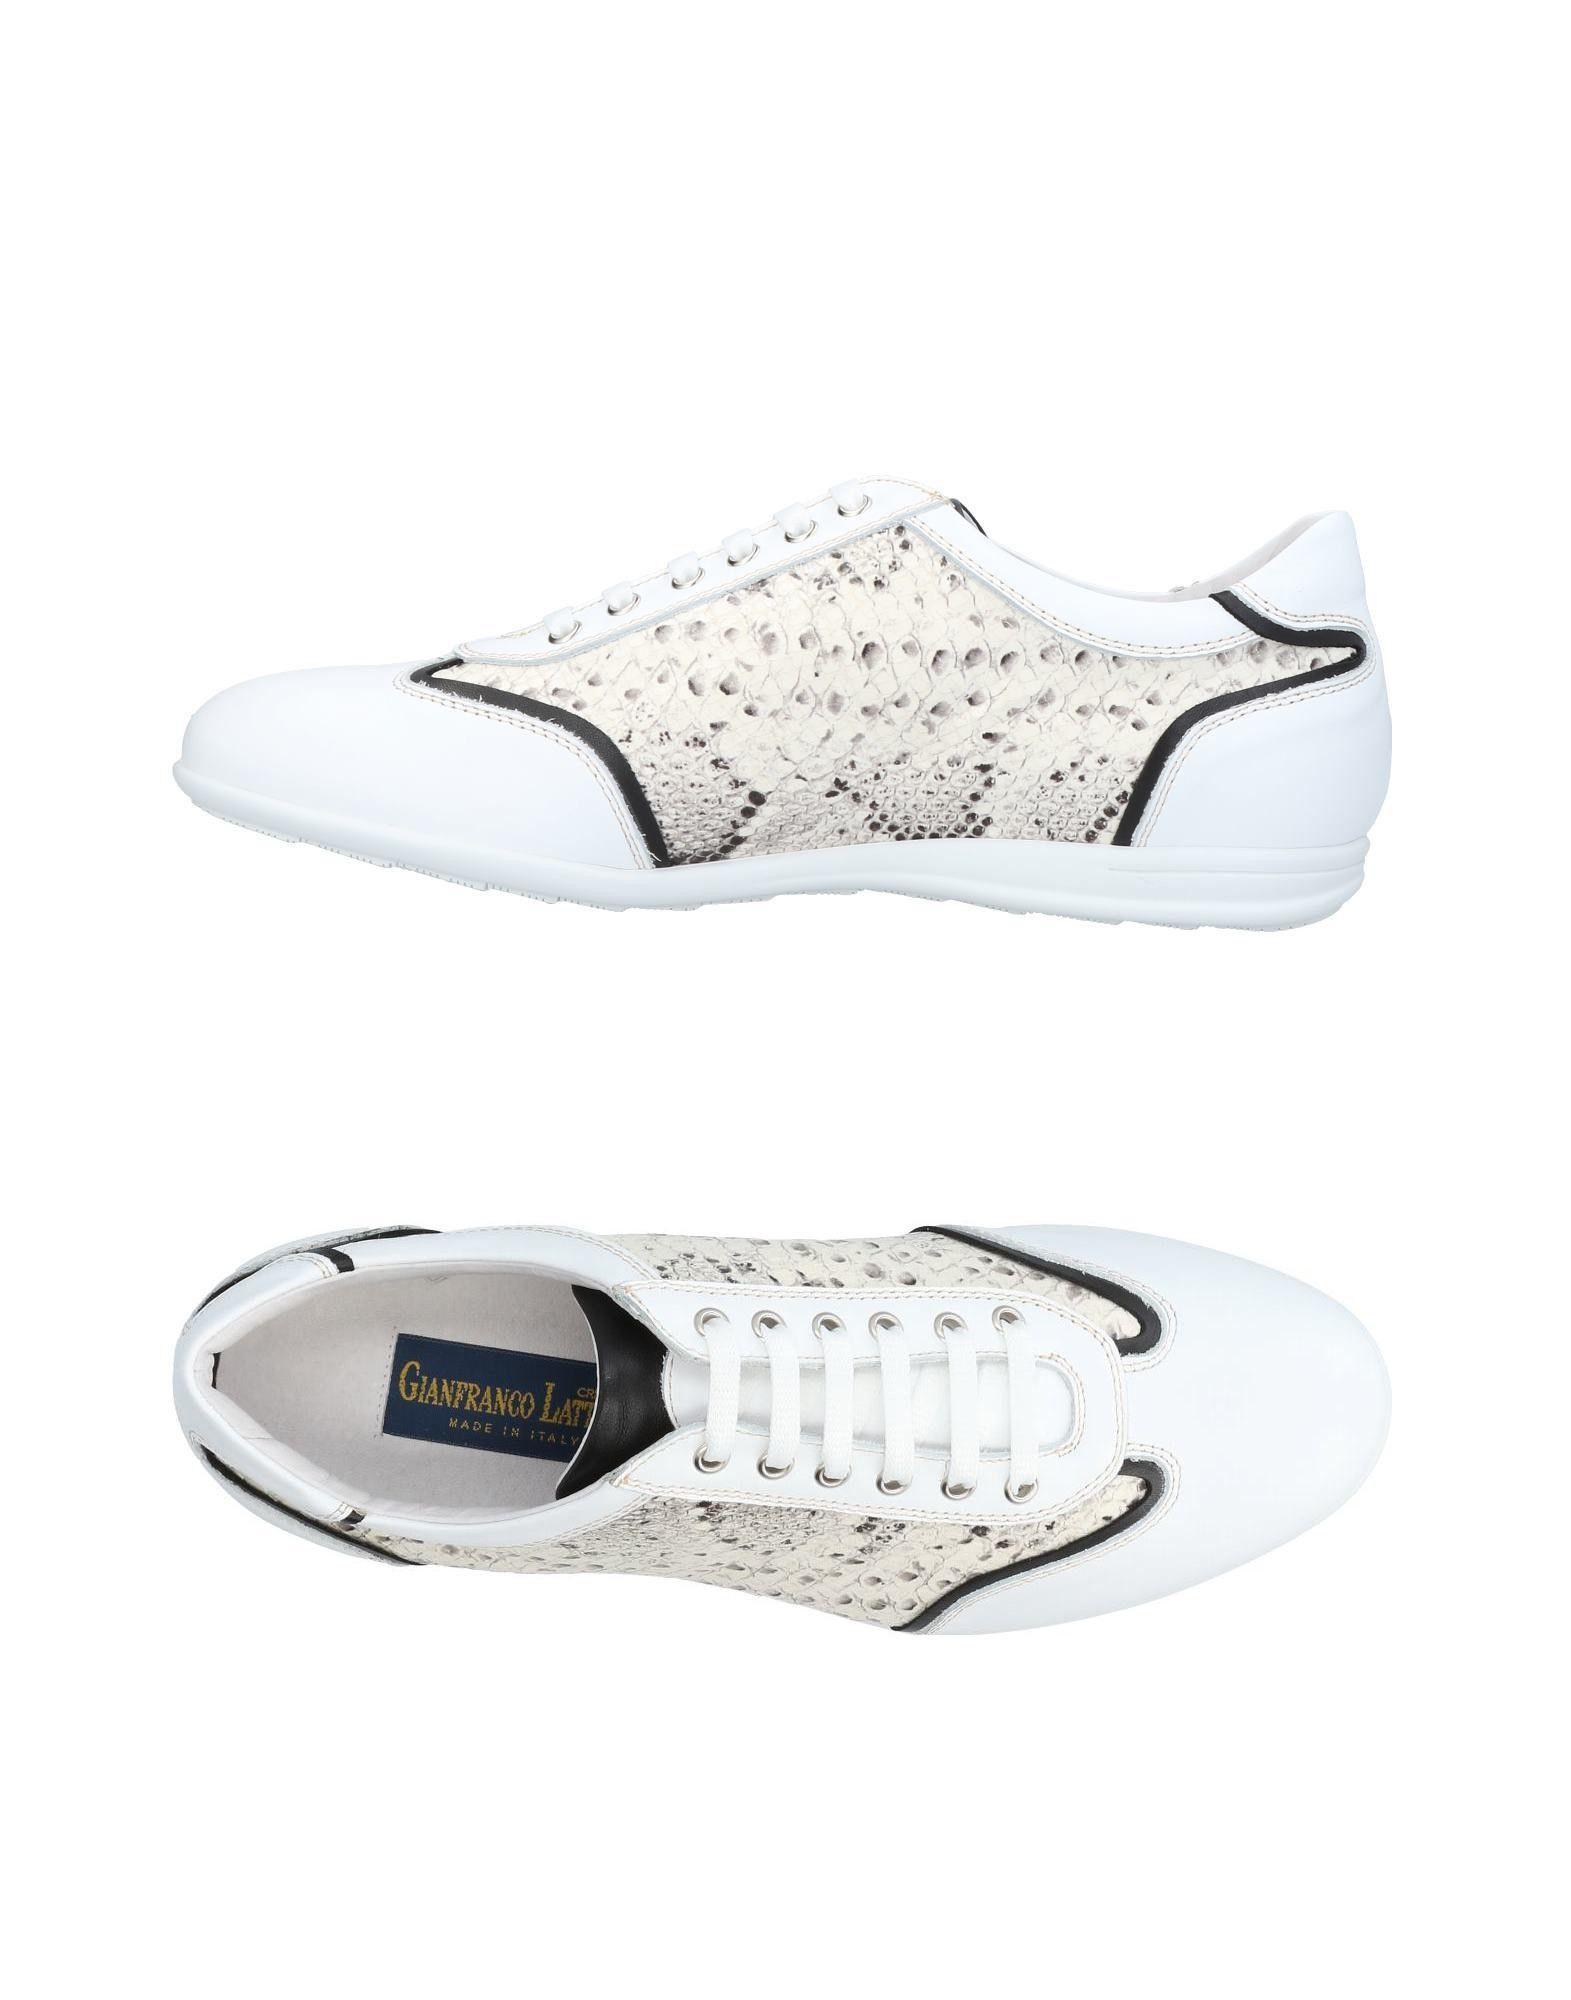 Rabatt echte Schuhe Gianfranco Lattanzi Sneakers Herren  11430133CI